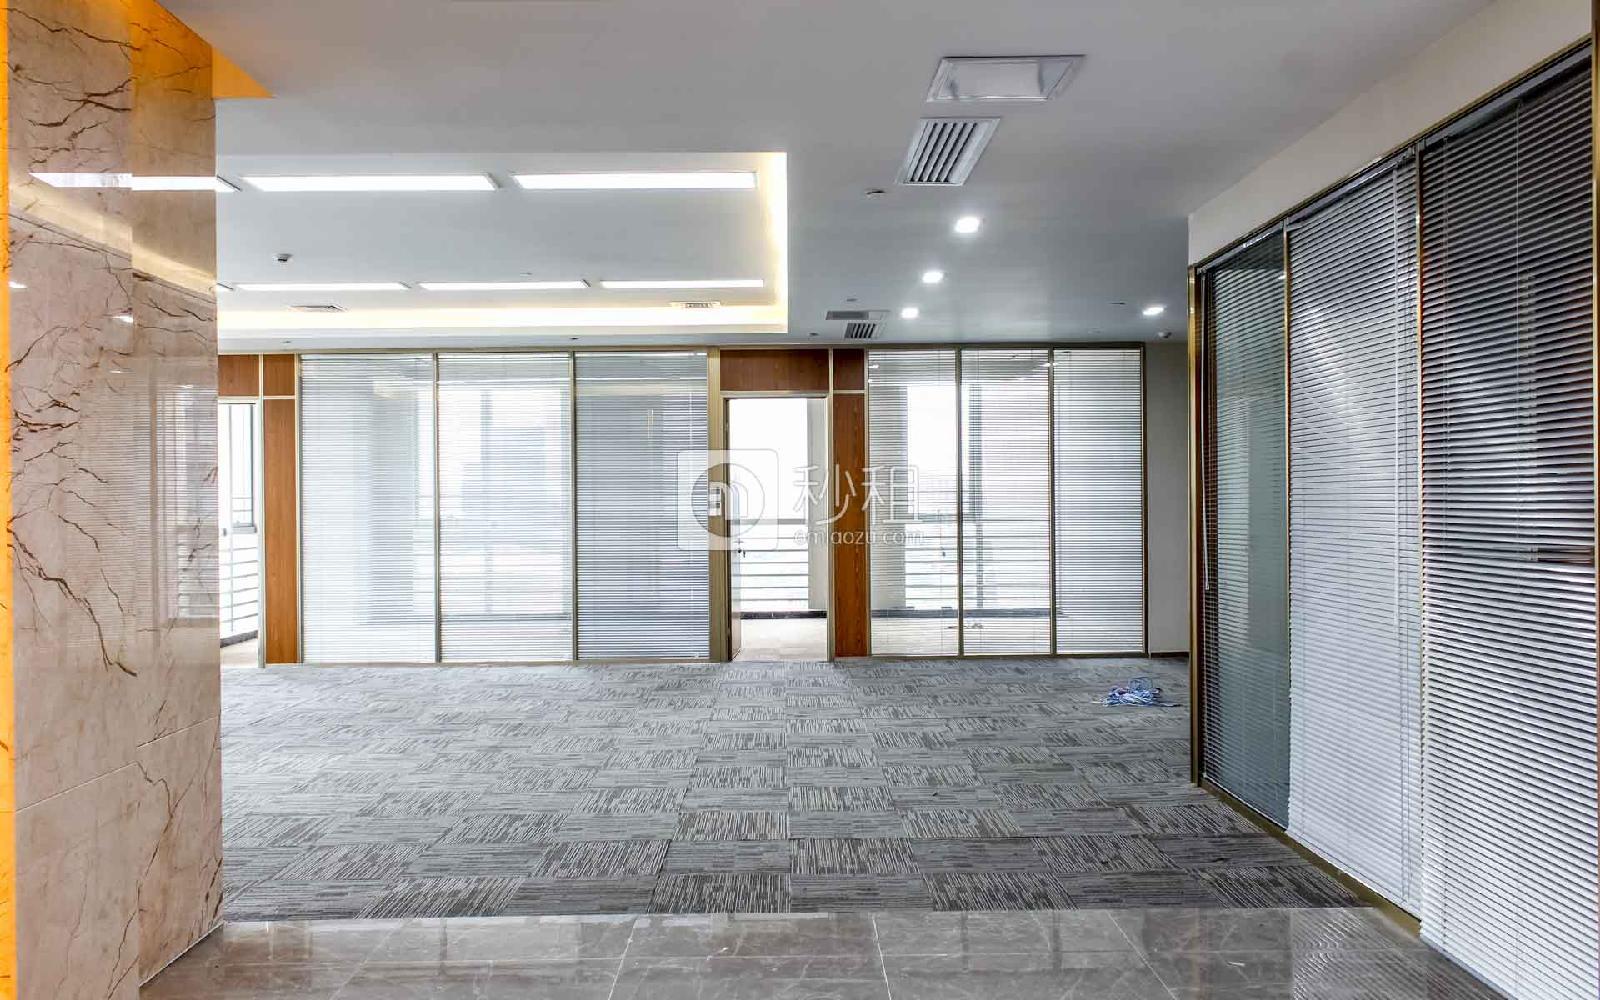 宝安-宝安中心区 龙光世纪大厦 480m²